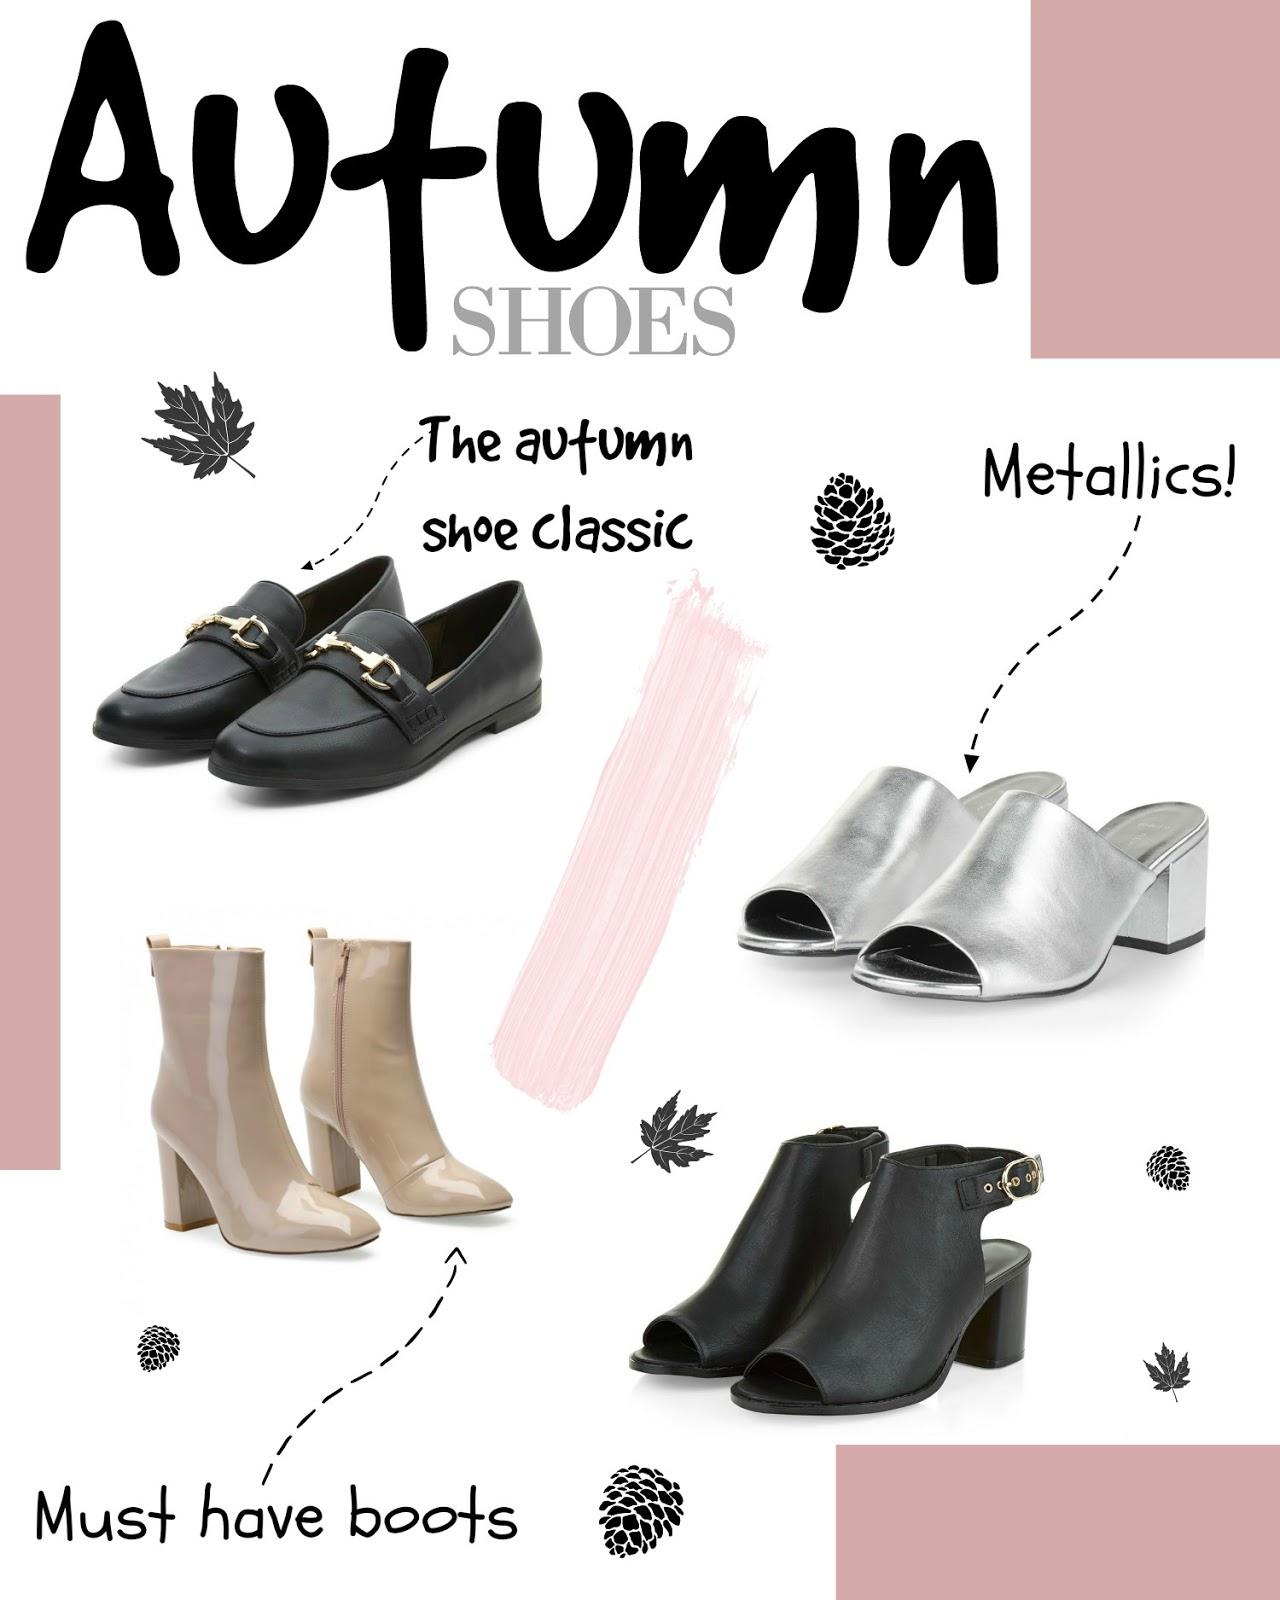 The Autumn Shoe Edit